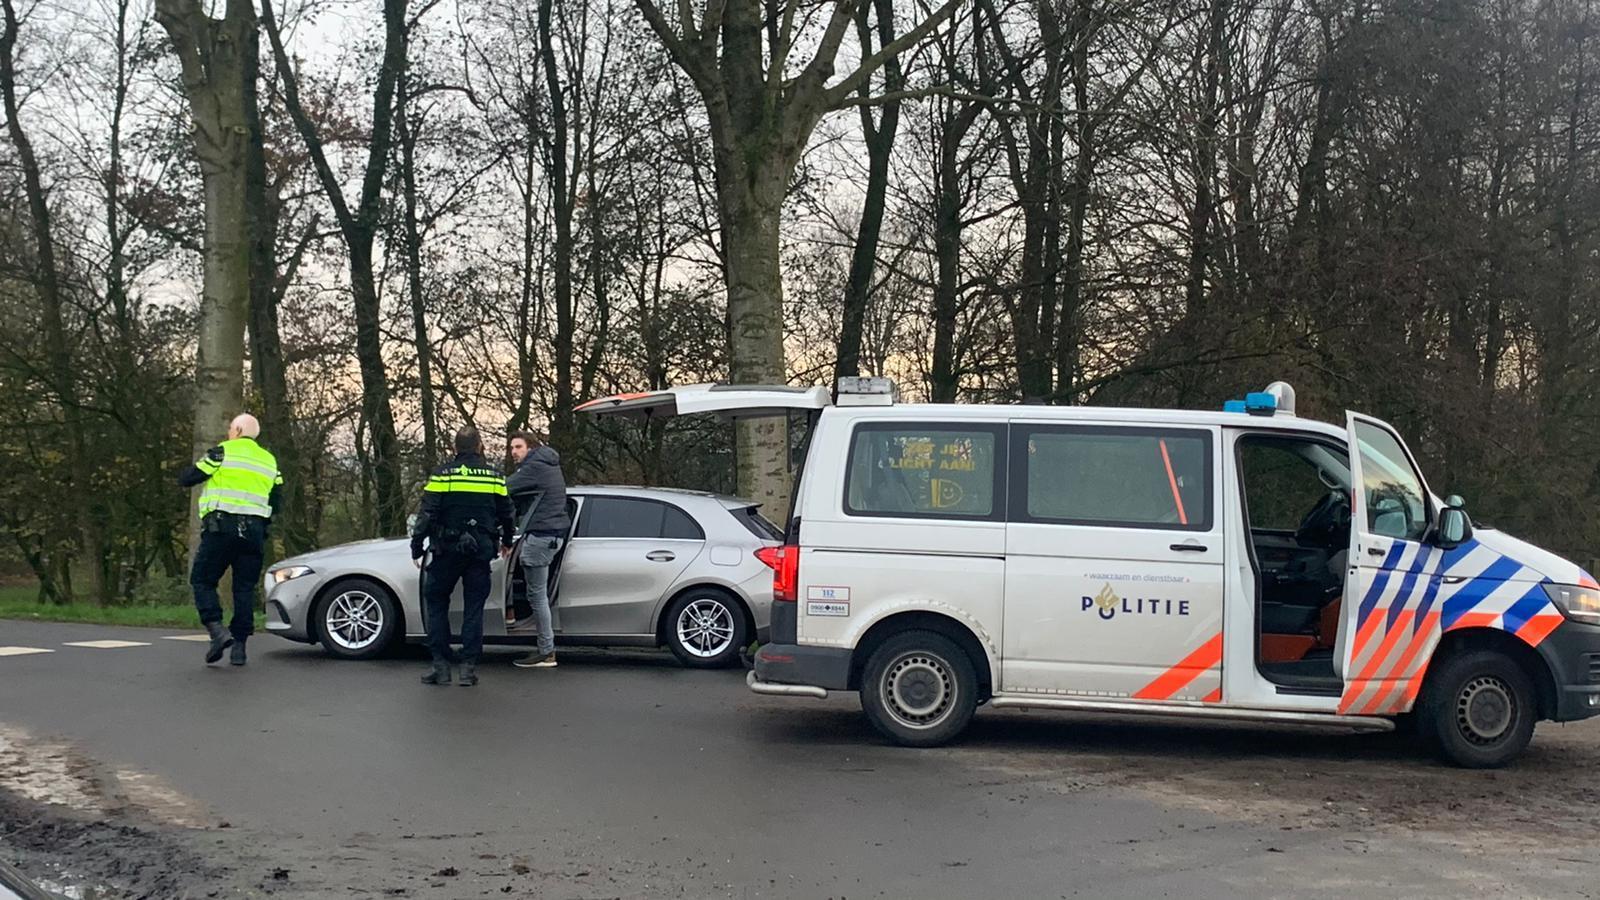 Groep jongeren vanuit zwarte auto beschoten in Obdam, politie zoekt getuigen [update]